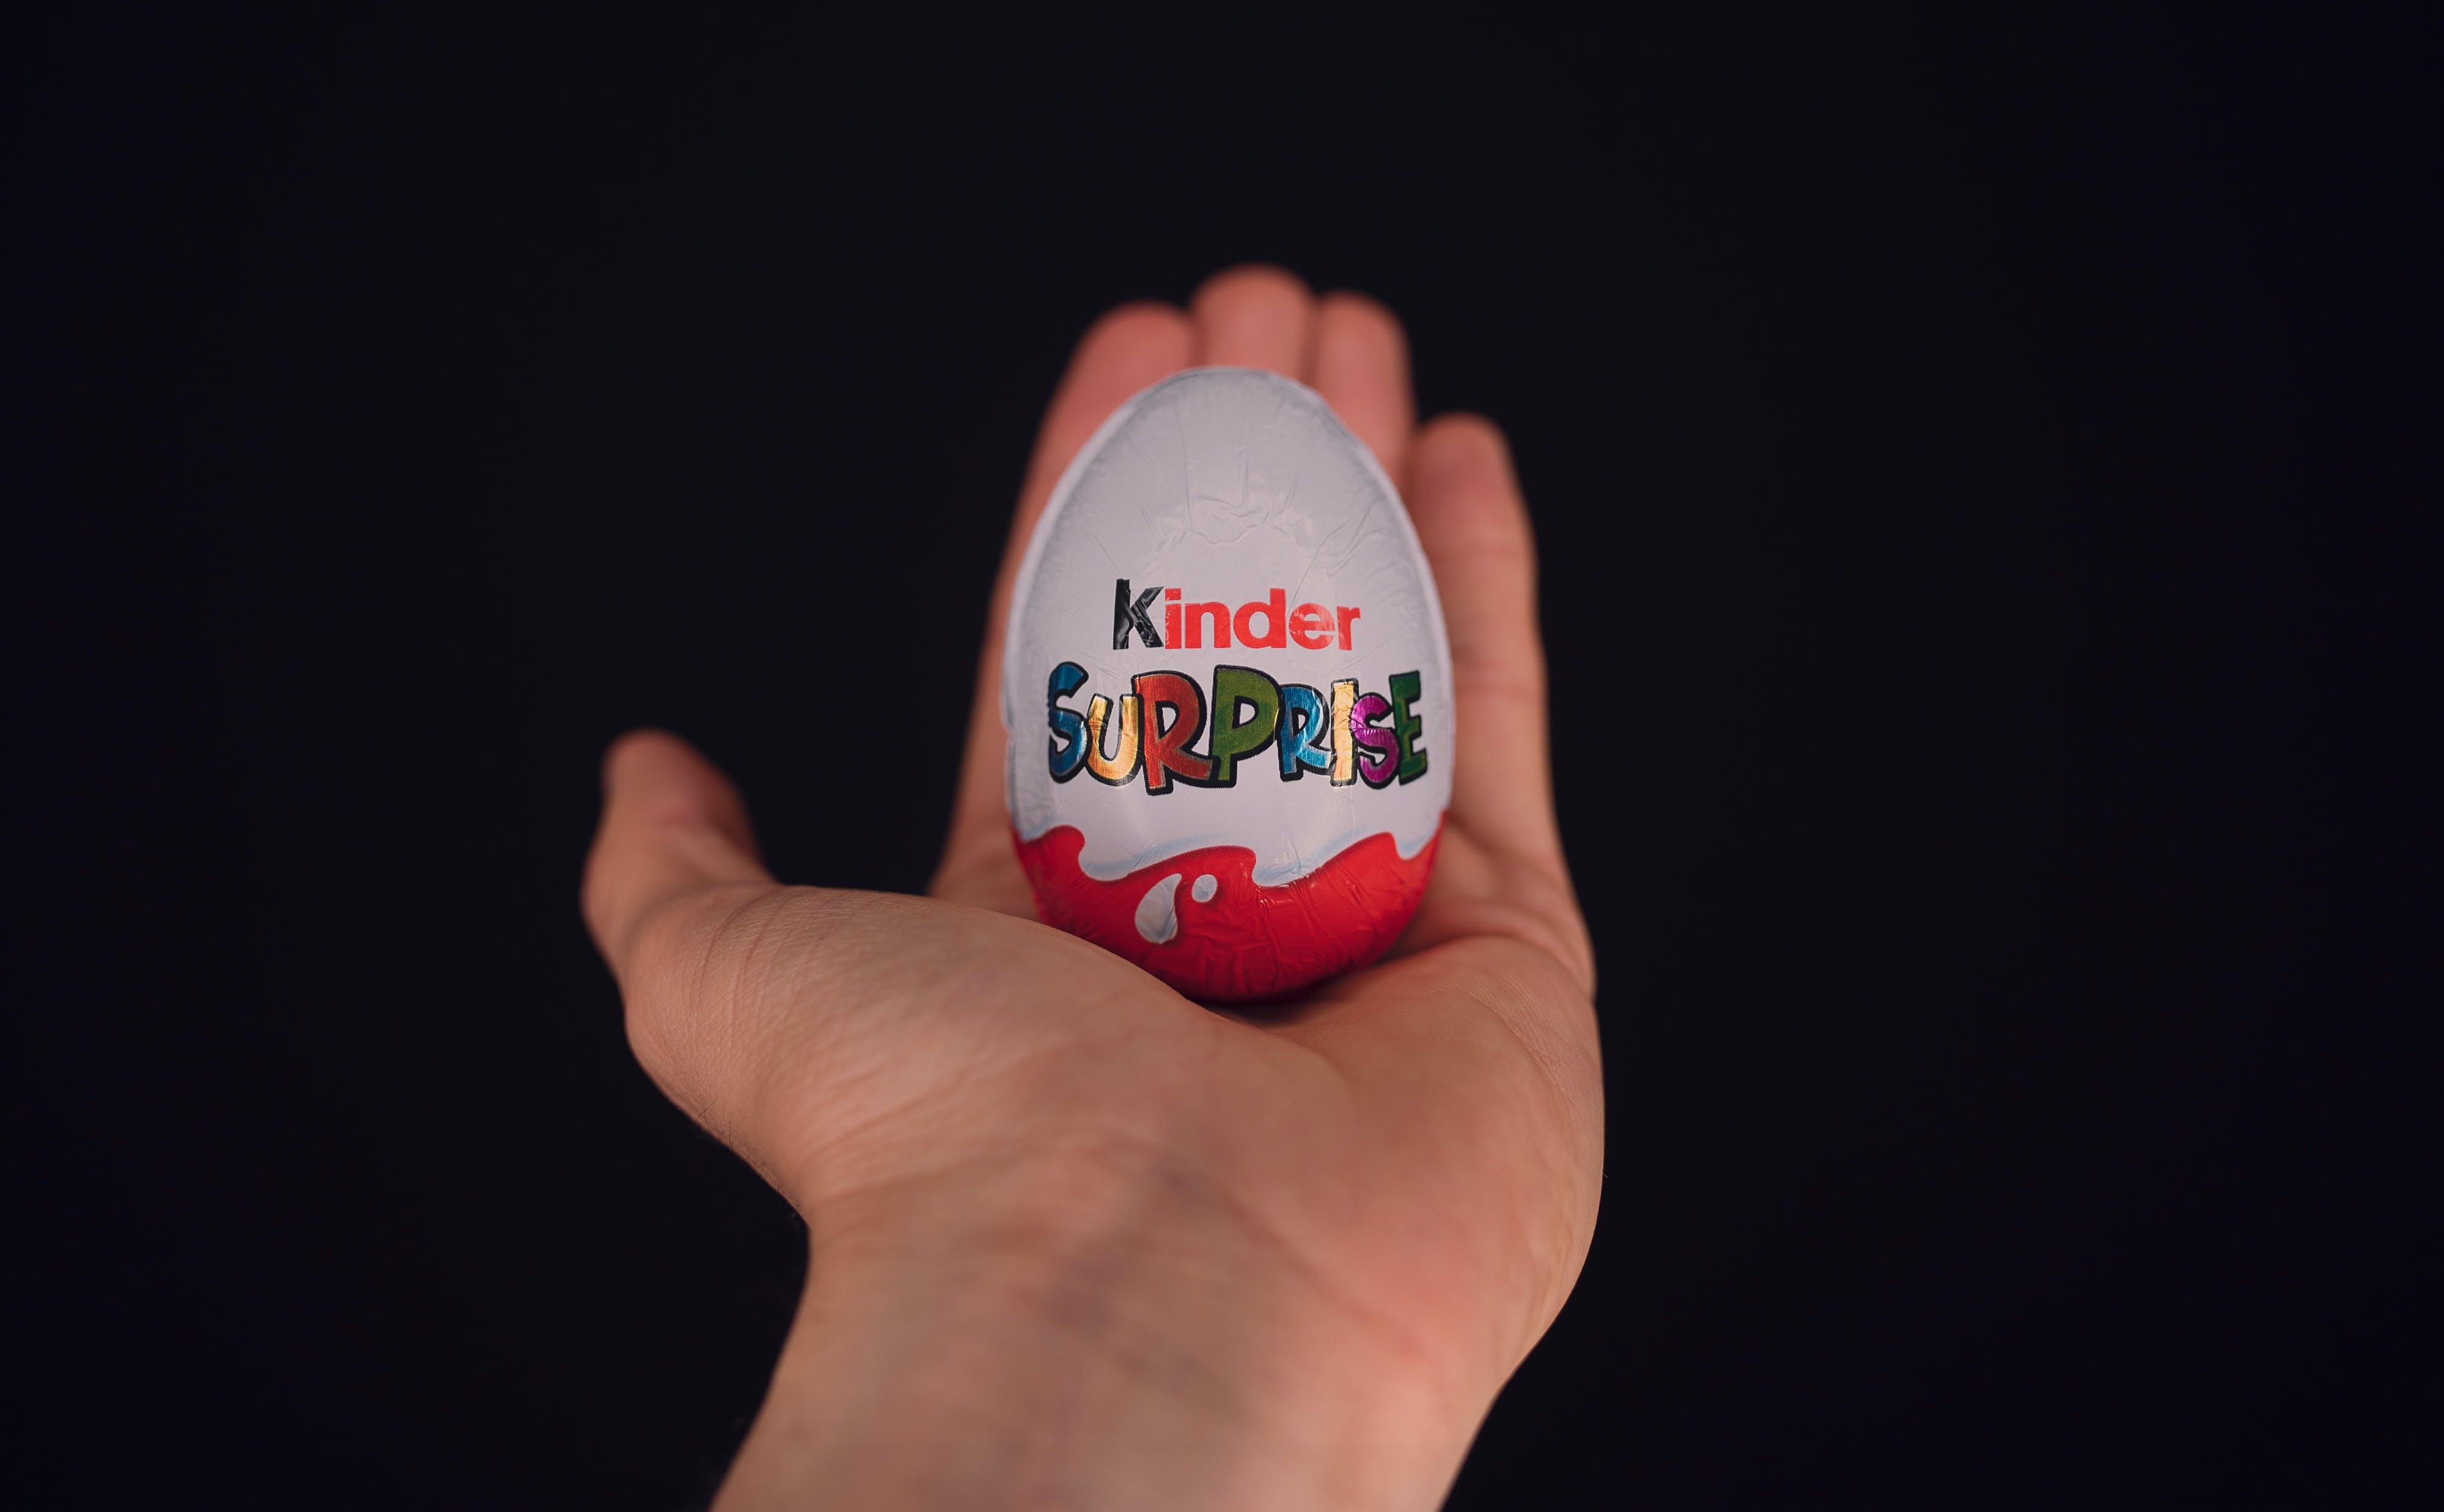 Δωρεάν στοκ φωτογραφιών με παιδική σοκολάτα, φωτογραφία